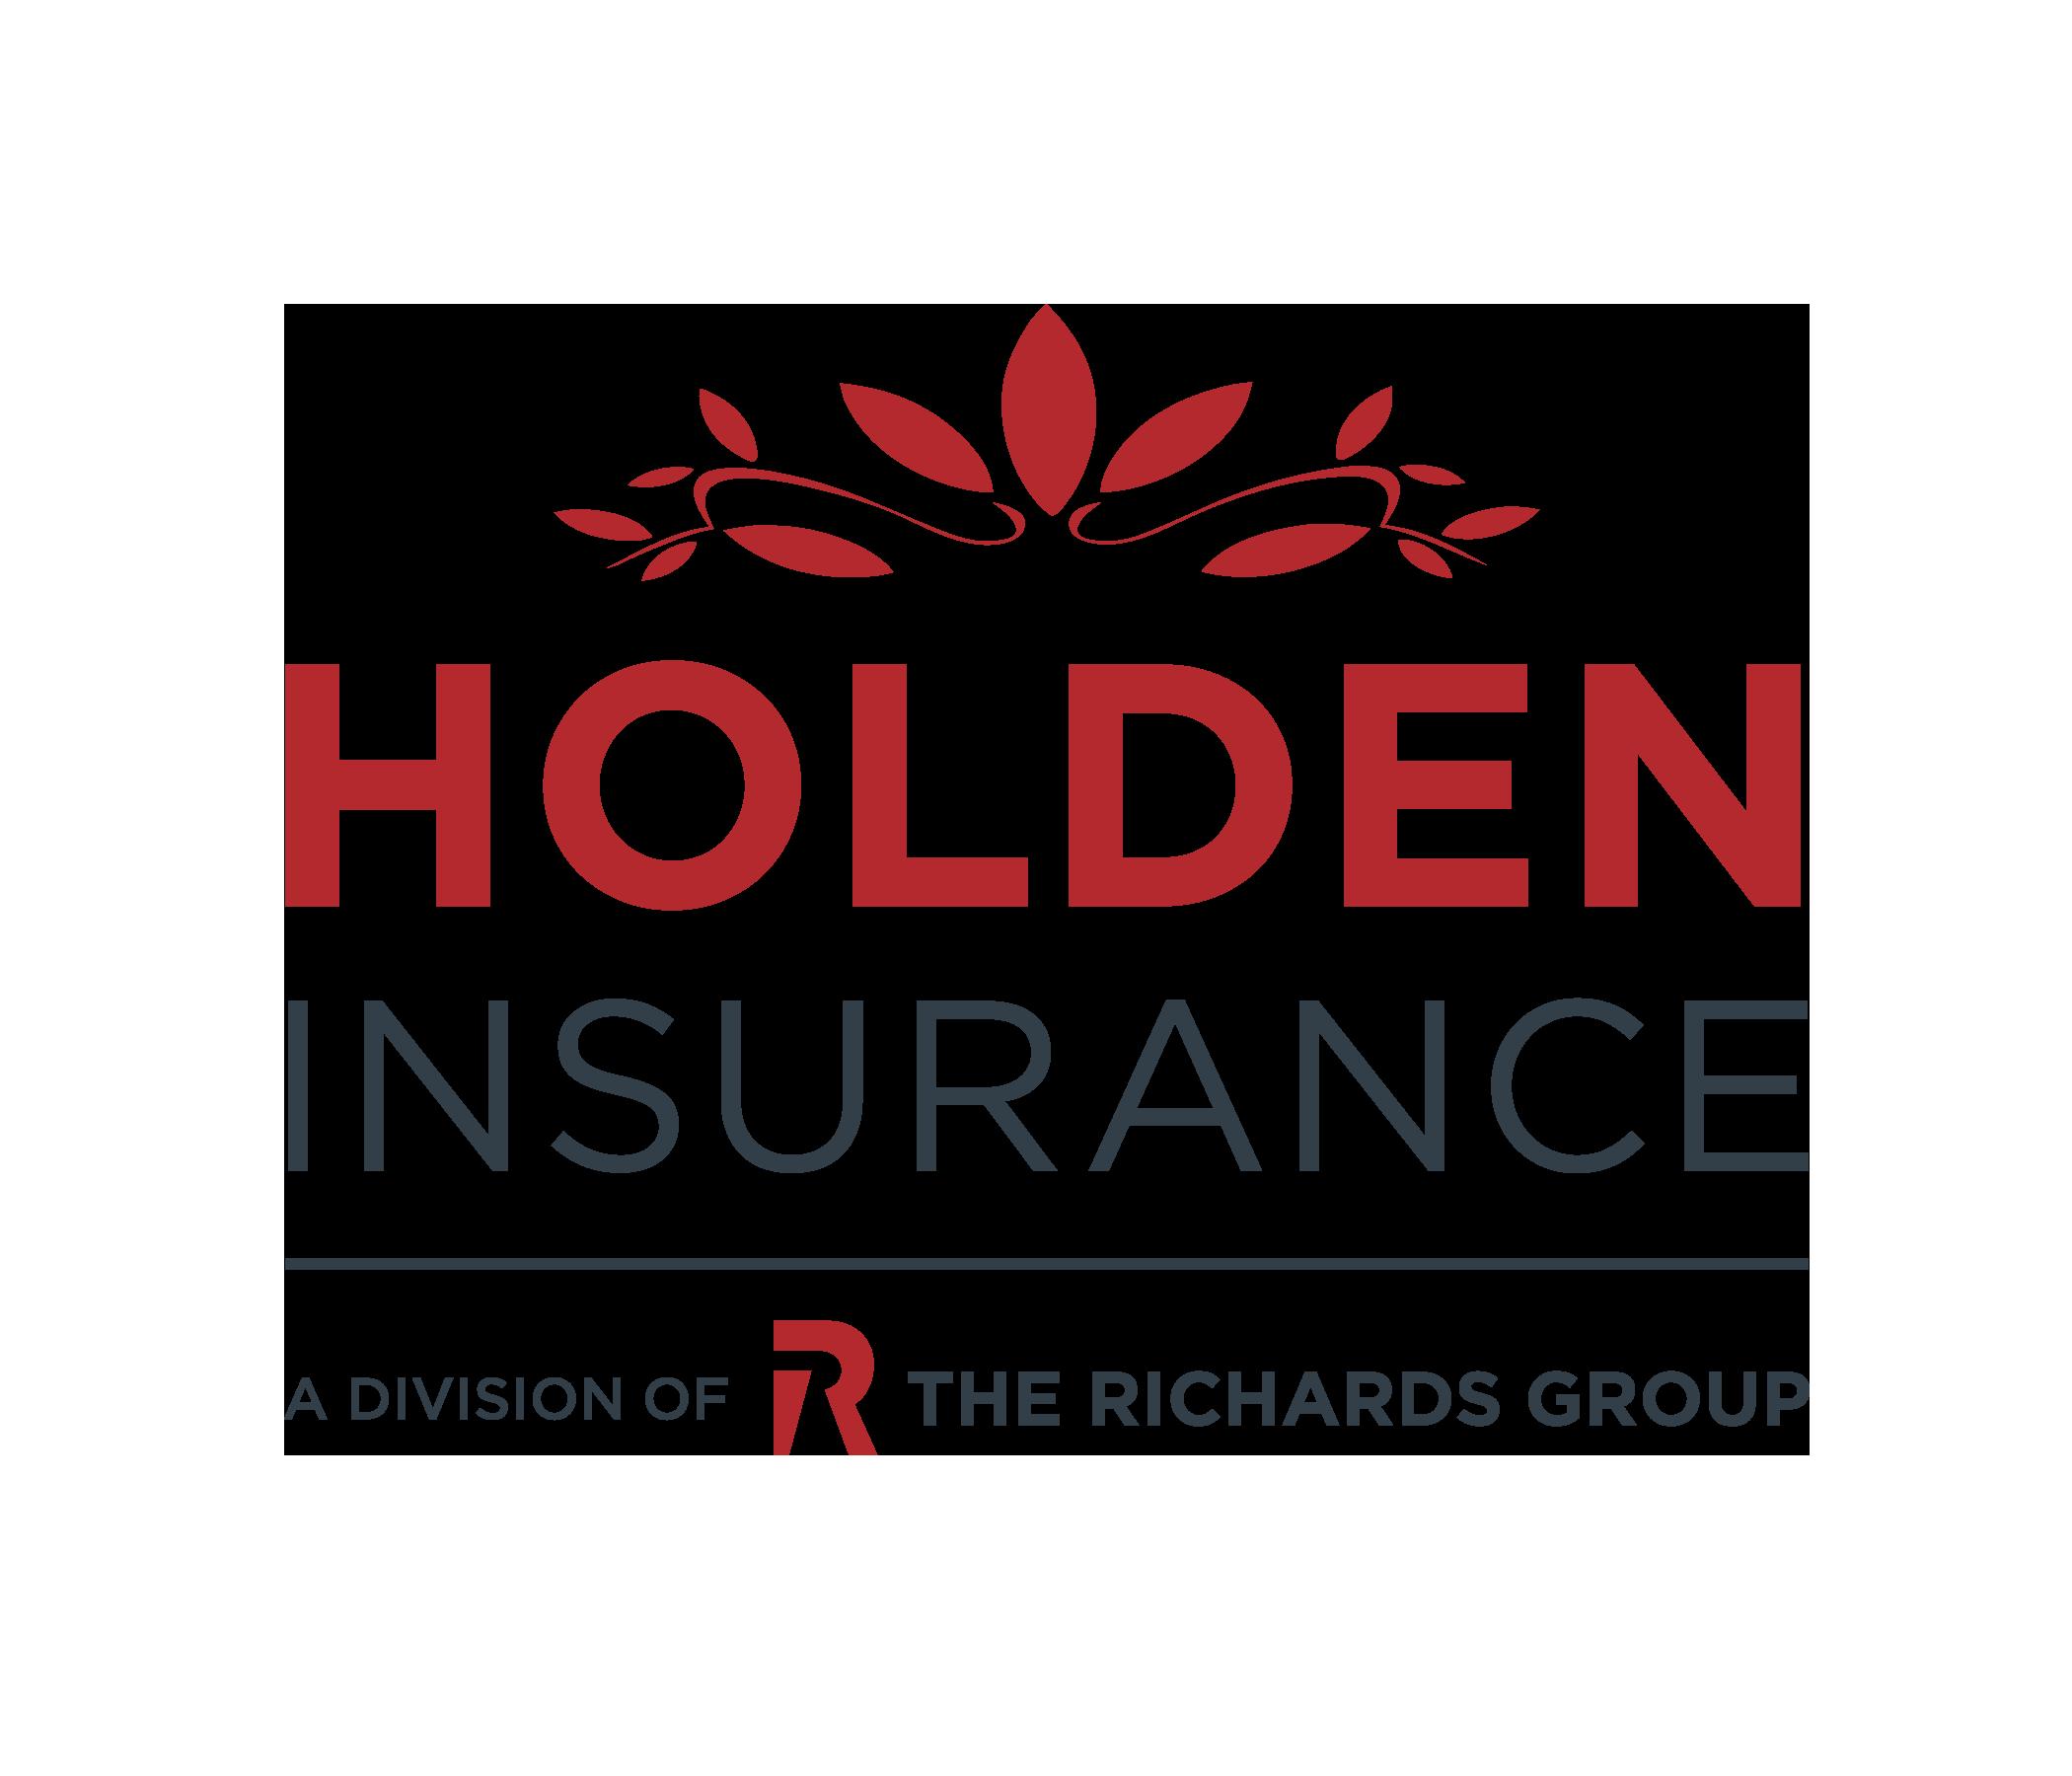 Holden Insurance New Logo